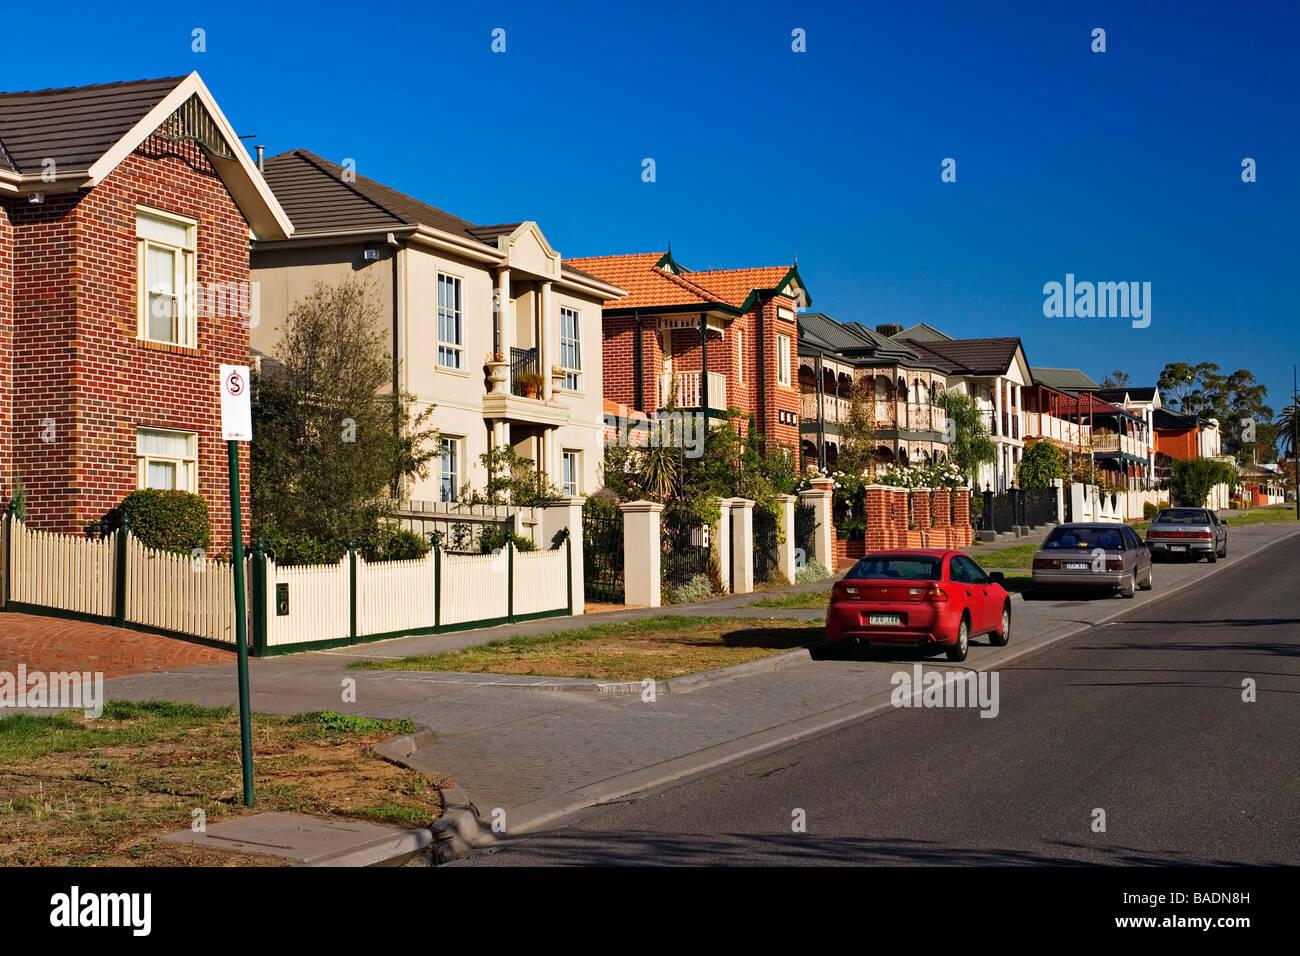 Les Foyers / Australian homes sur un ensemble immobilier.L'emplacement est Victoria de Melbourne en Australie. Photo Stock